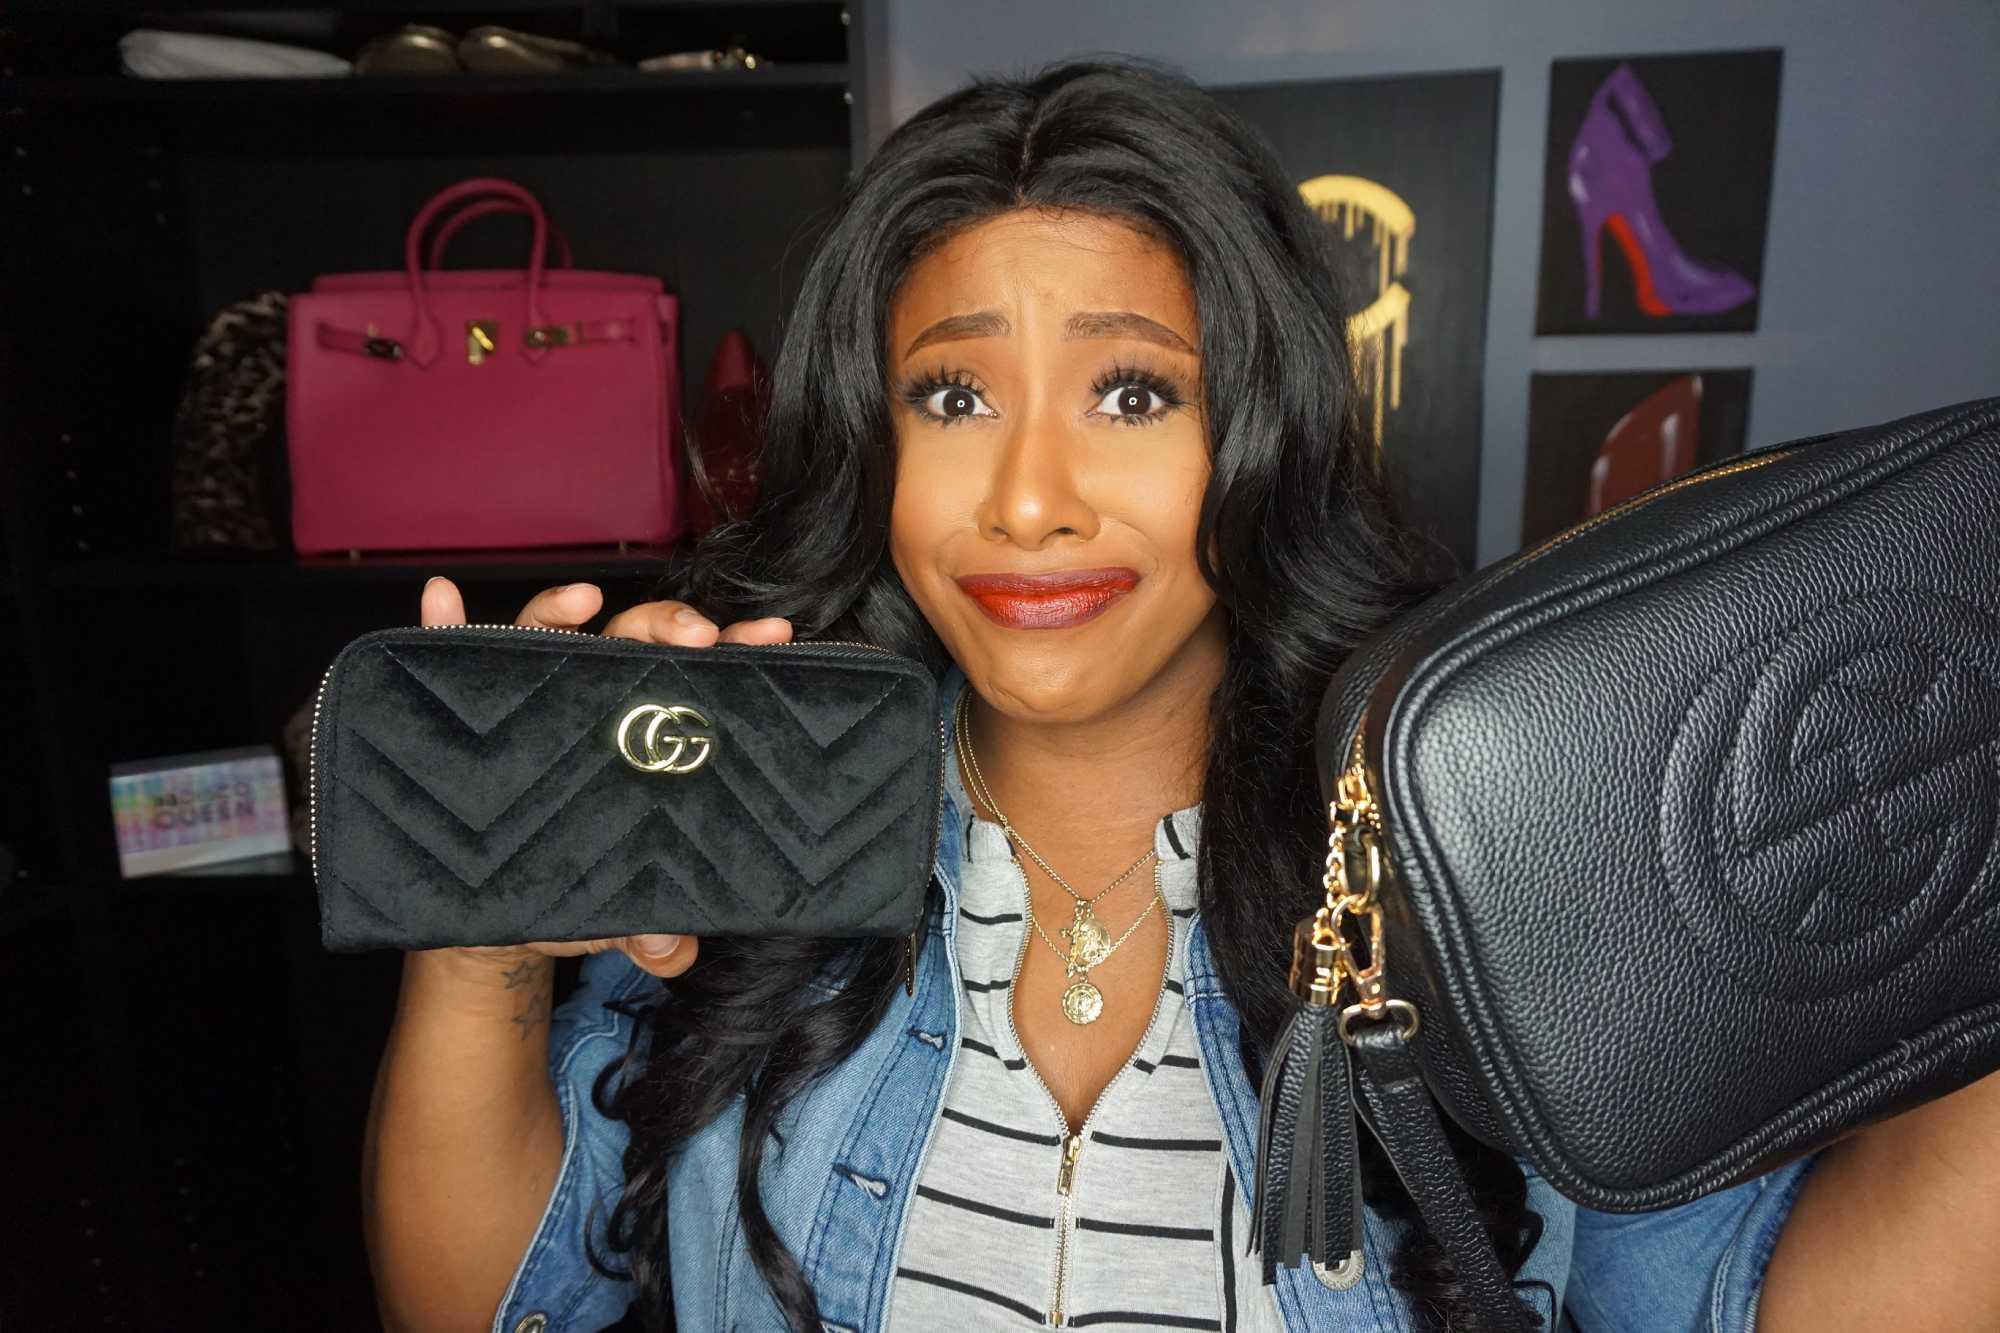 8adc5d5a1a02 Replica Handbags from iOffer.com – Makeup by Mesha